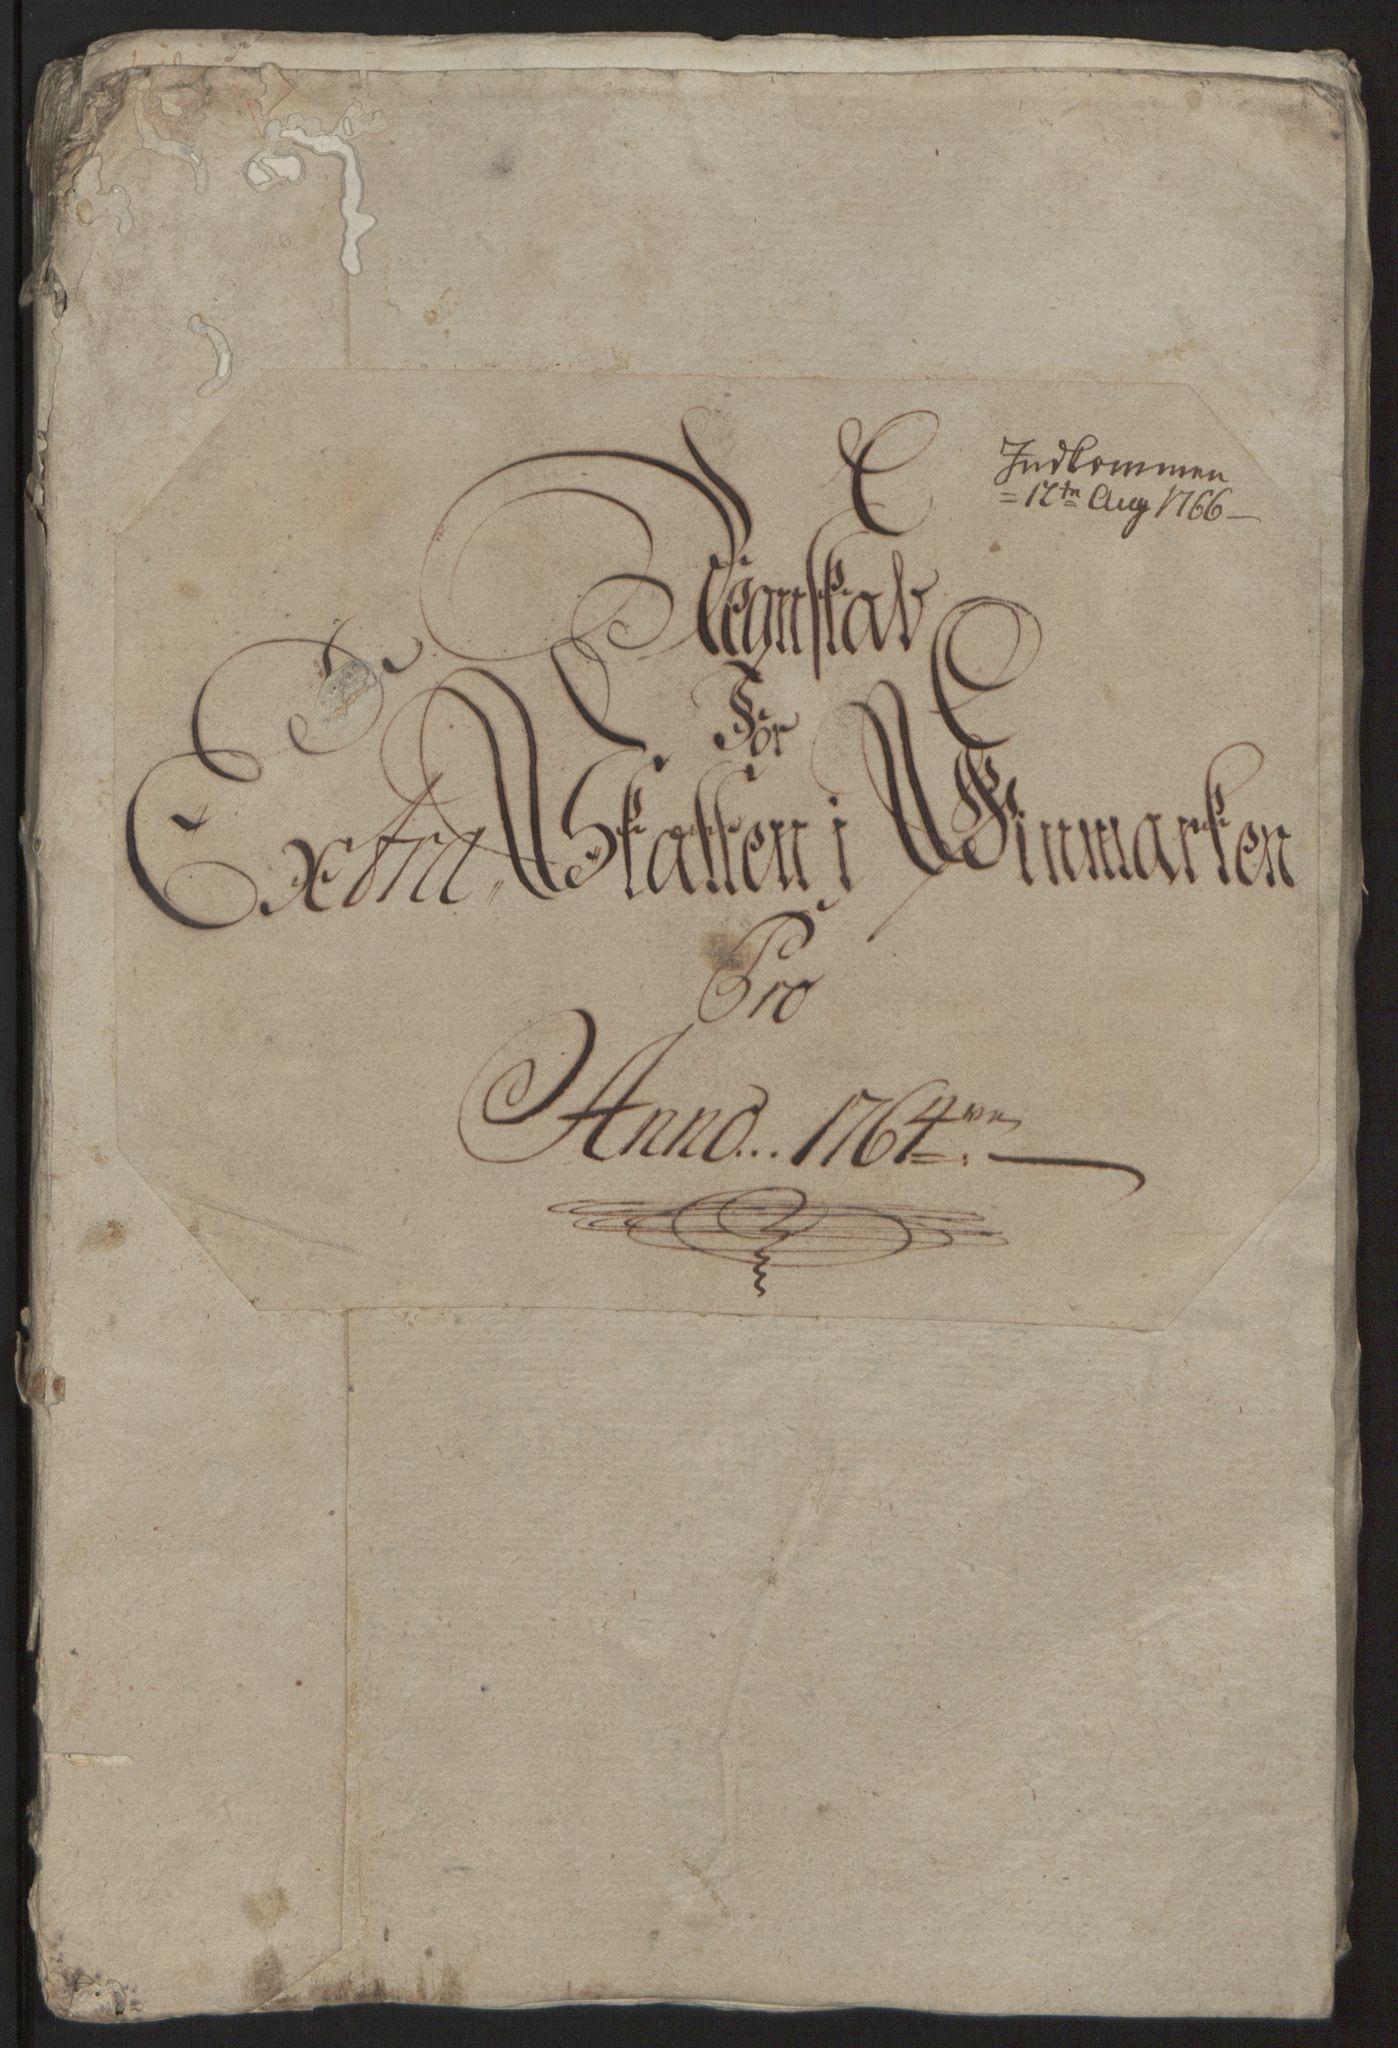 RA, Rentekammeret inntil 1814, Reviderte regnskaper, Fogderegnskap, R69/L4910: Ekstraskatten  Finnmark/Vardøhus, 1762-1772, s. 74